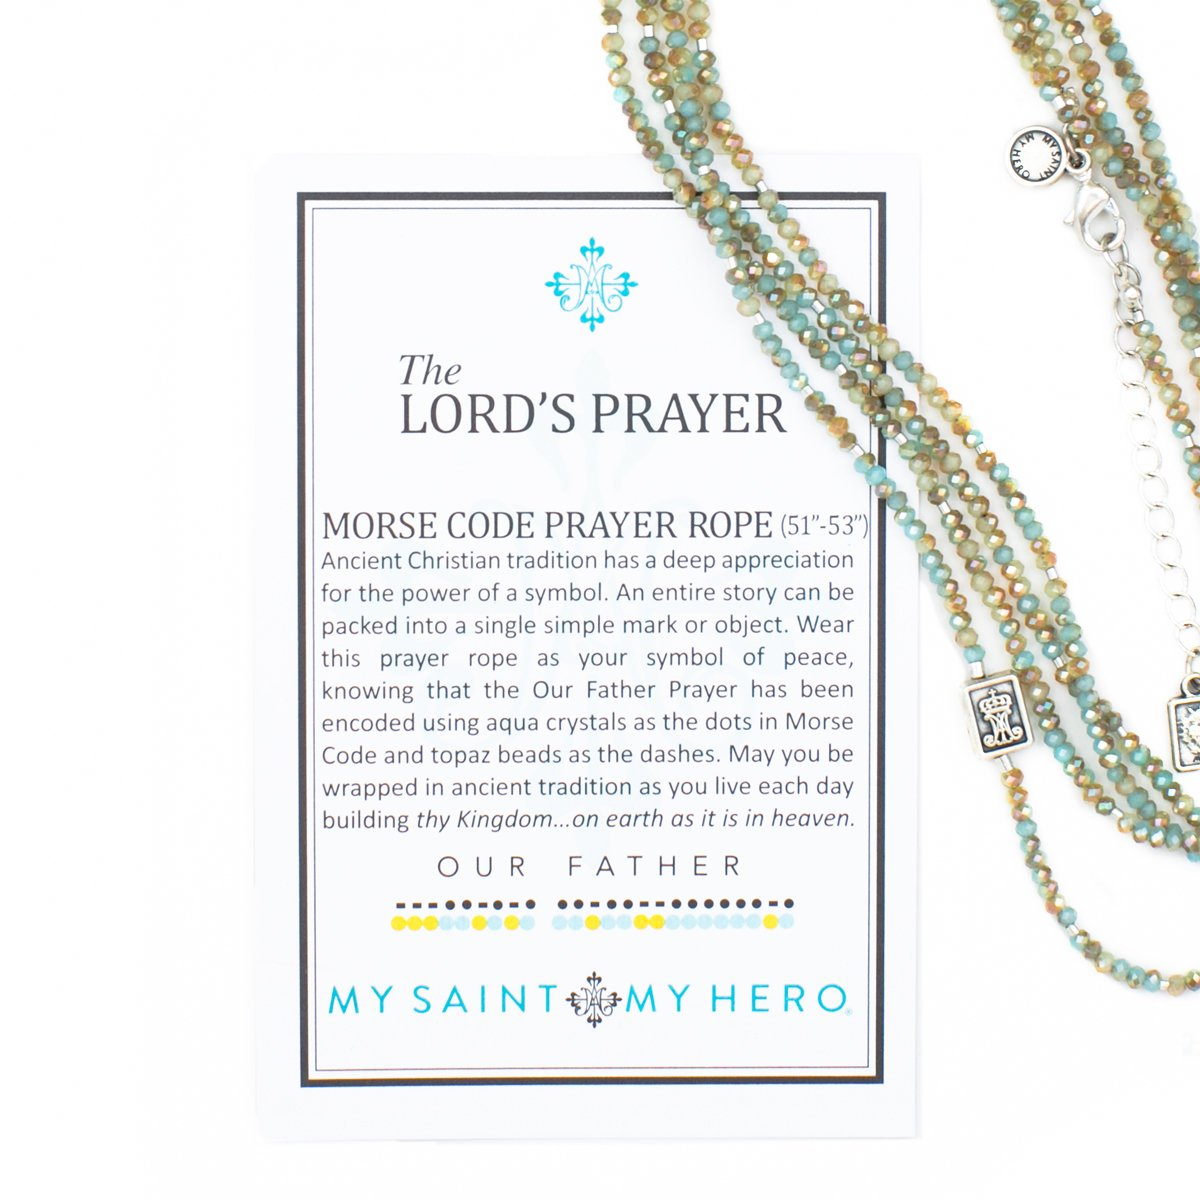 My Saint My Hero The Lord's Prayer Morse Code Prayer Rope by My Saint My Hero